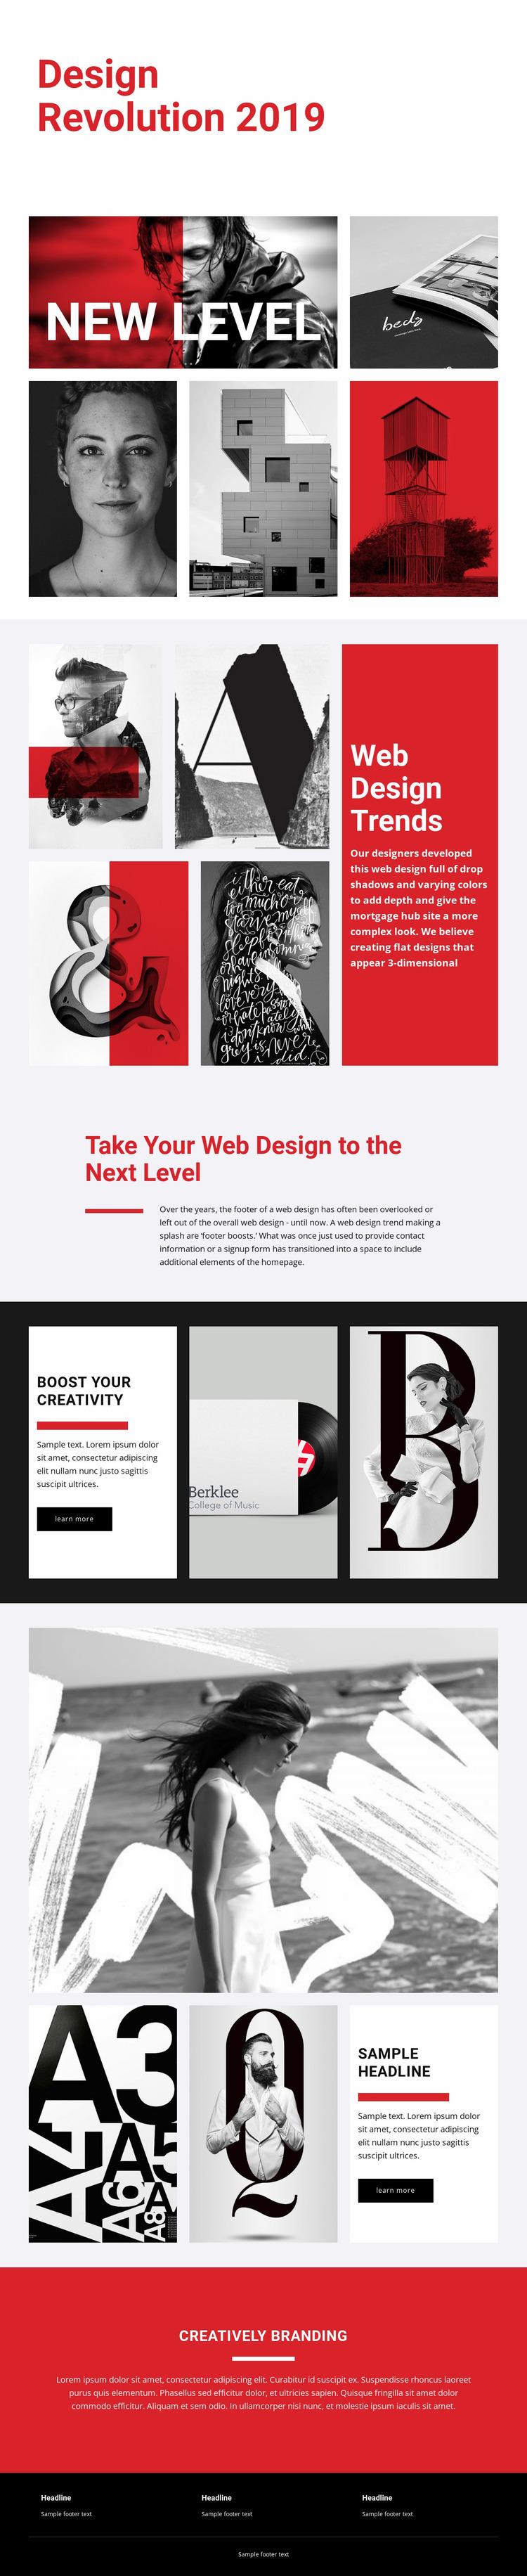 Revolution of designing art Website Mockup